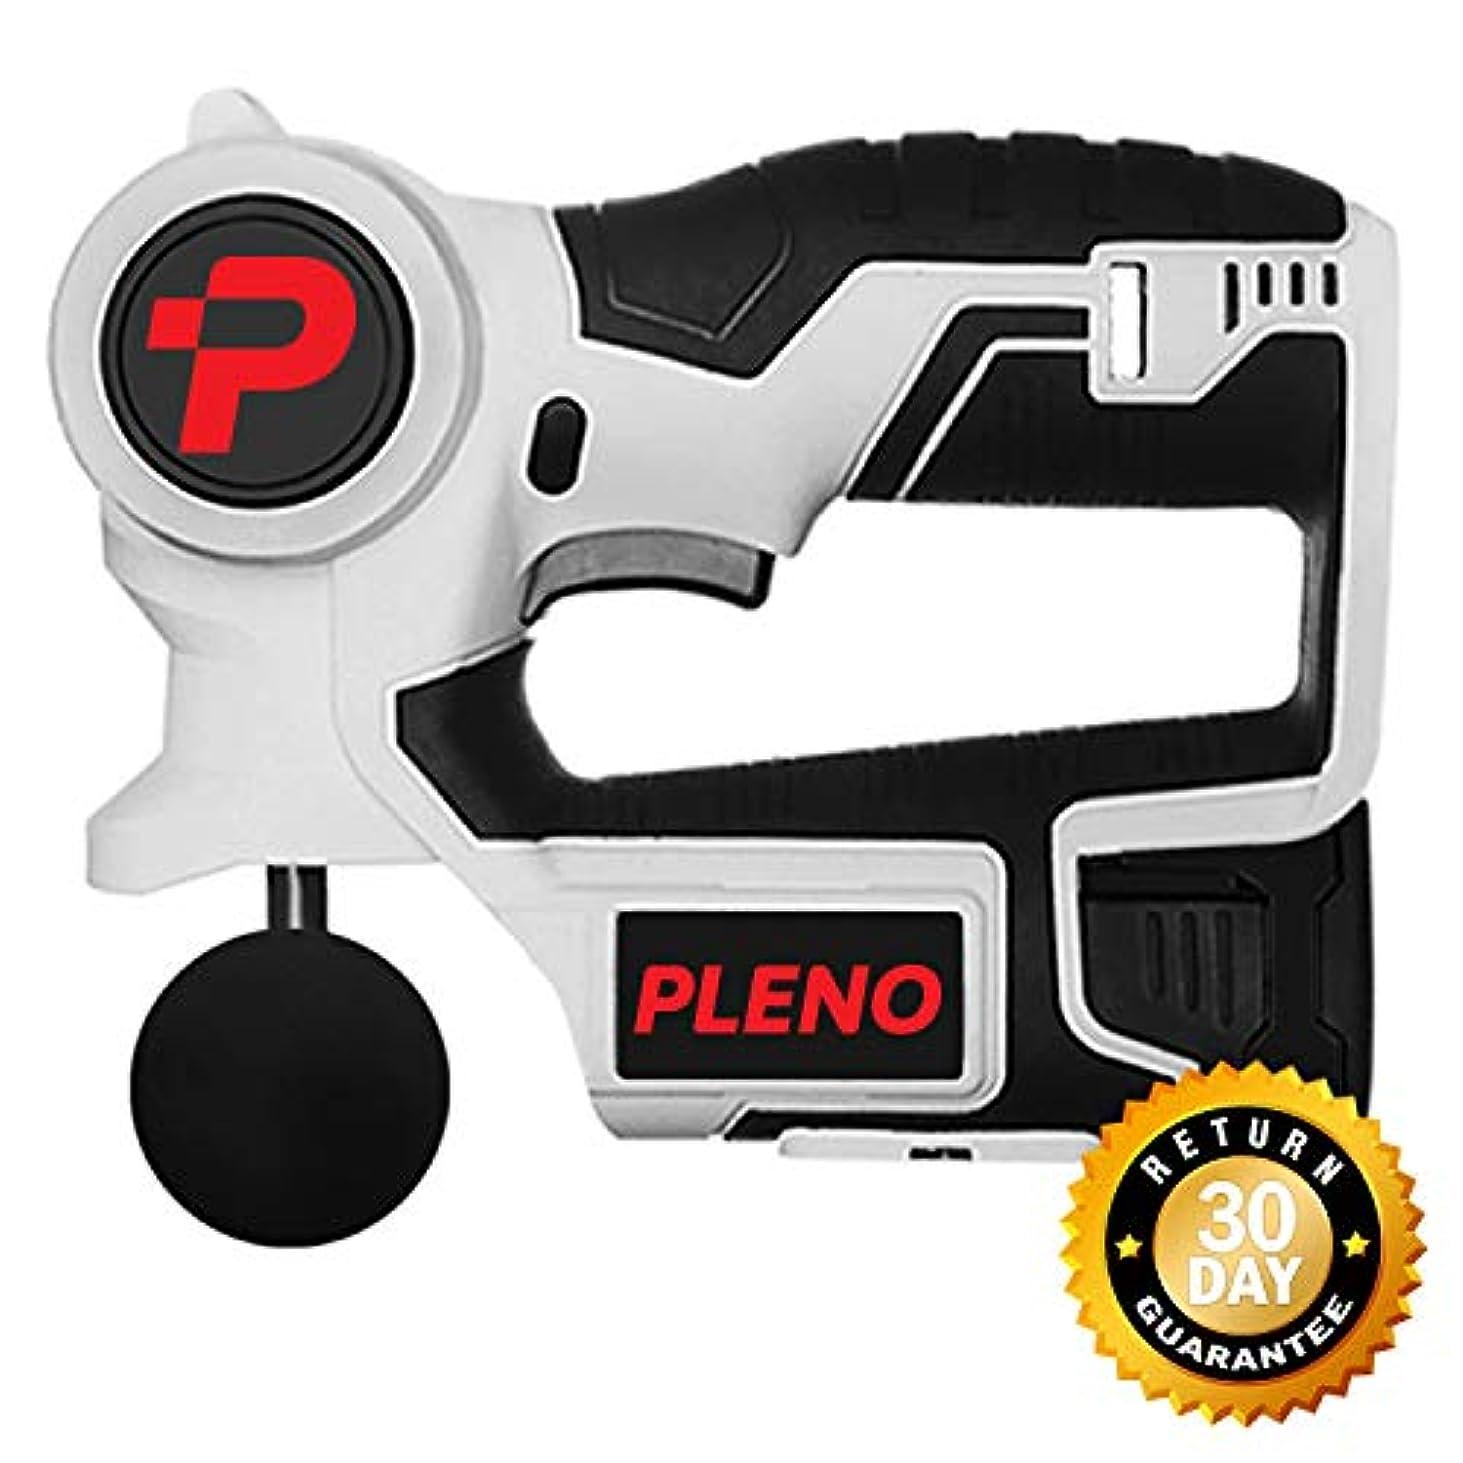 不適当購入アカウントProfessional Deep Muscle Massager: Pleno M3.0 Powerful Handheld Tissue Massager Gun,コードレスで筋肉を刺激 141[並行輸入]